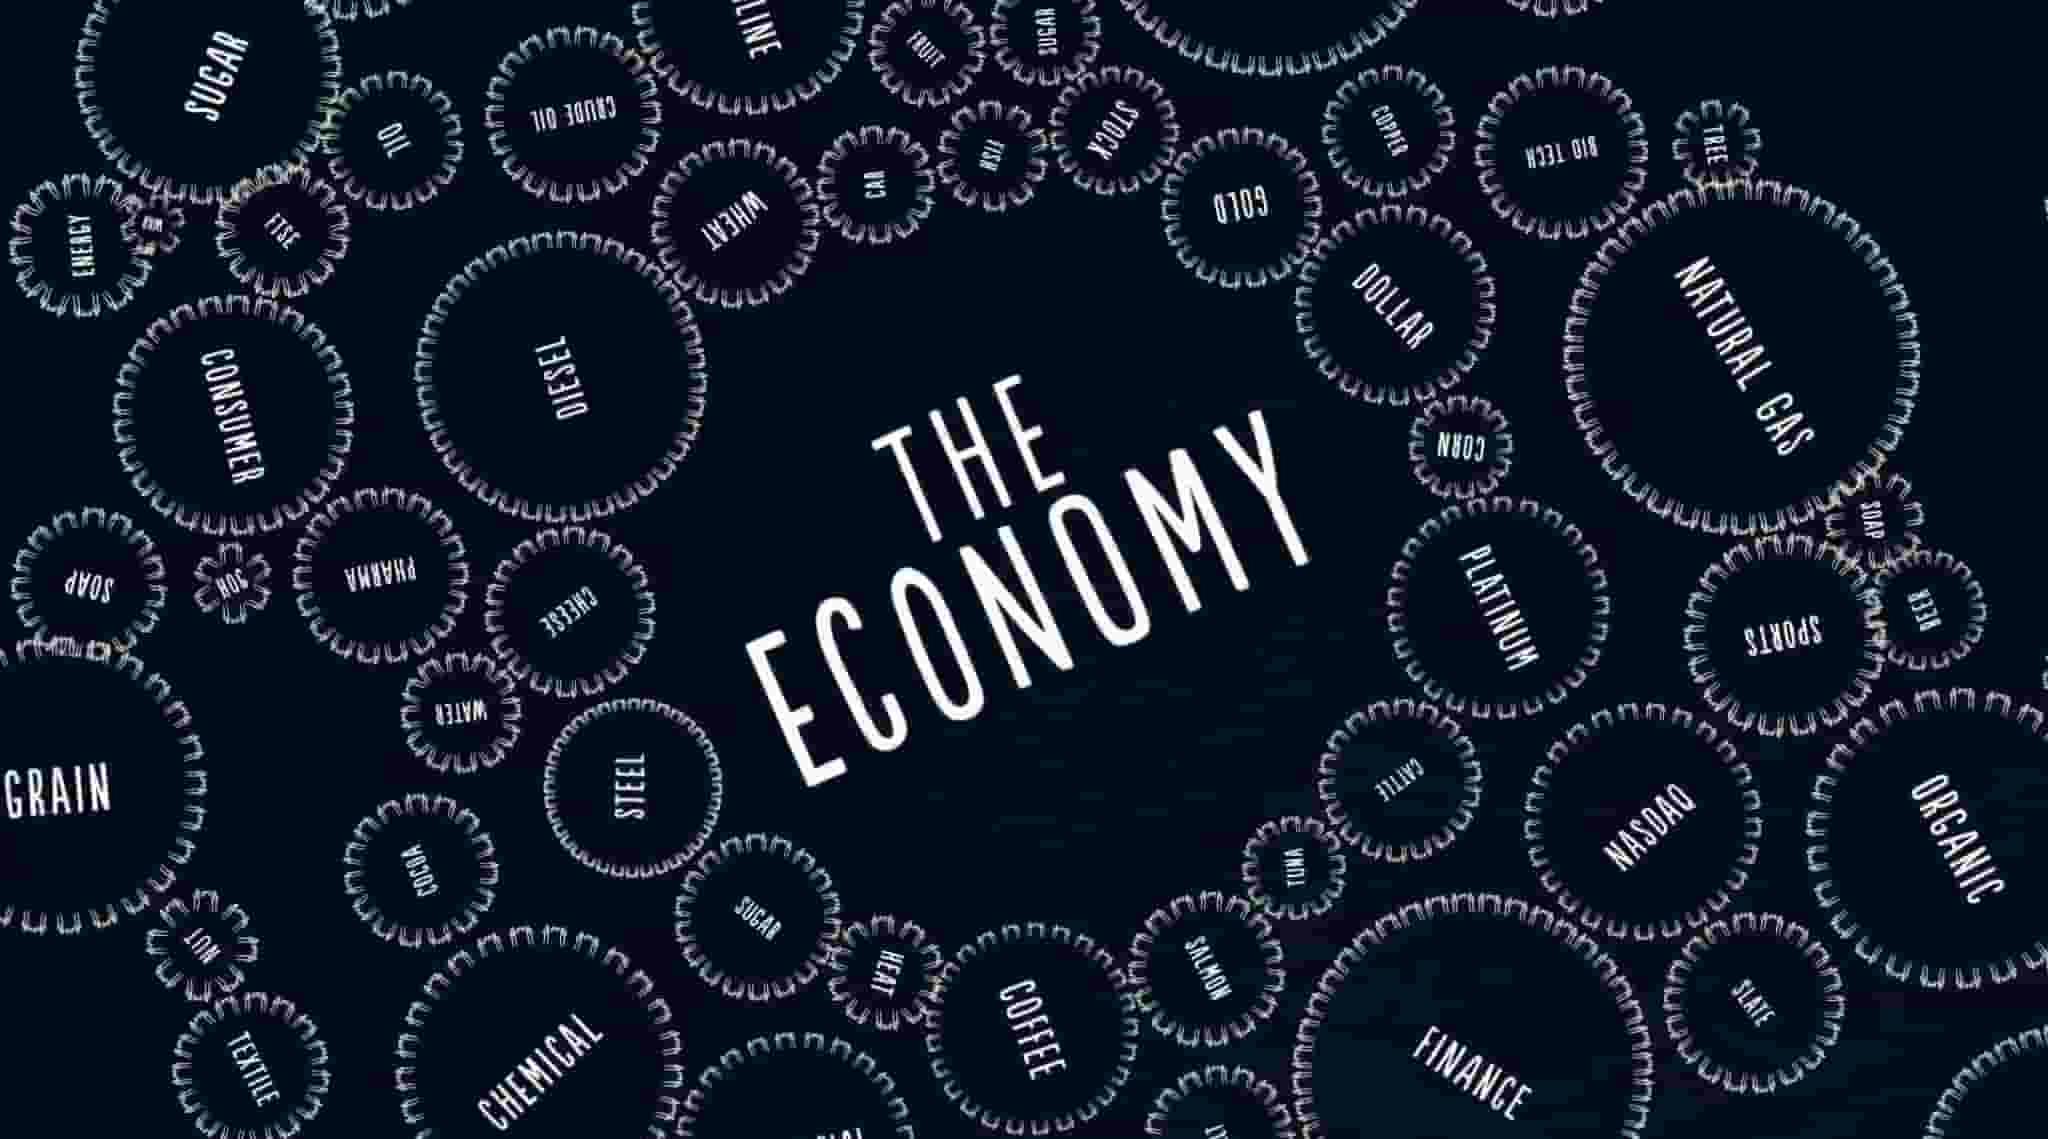 Как работает экономика - основные причины экономических кризисов